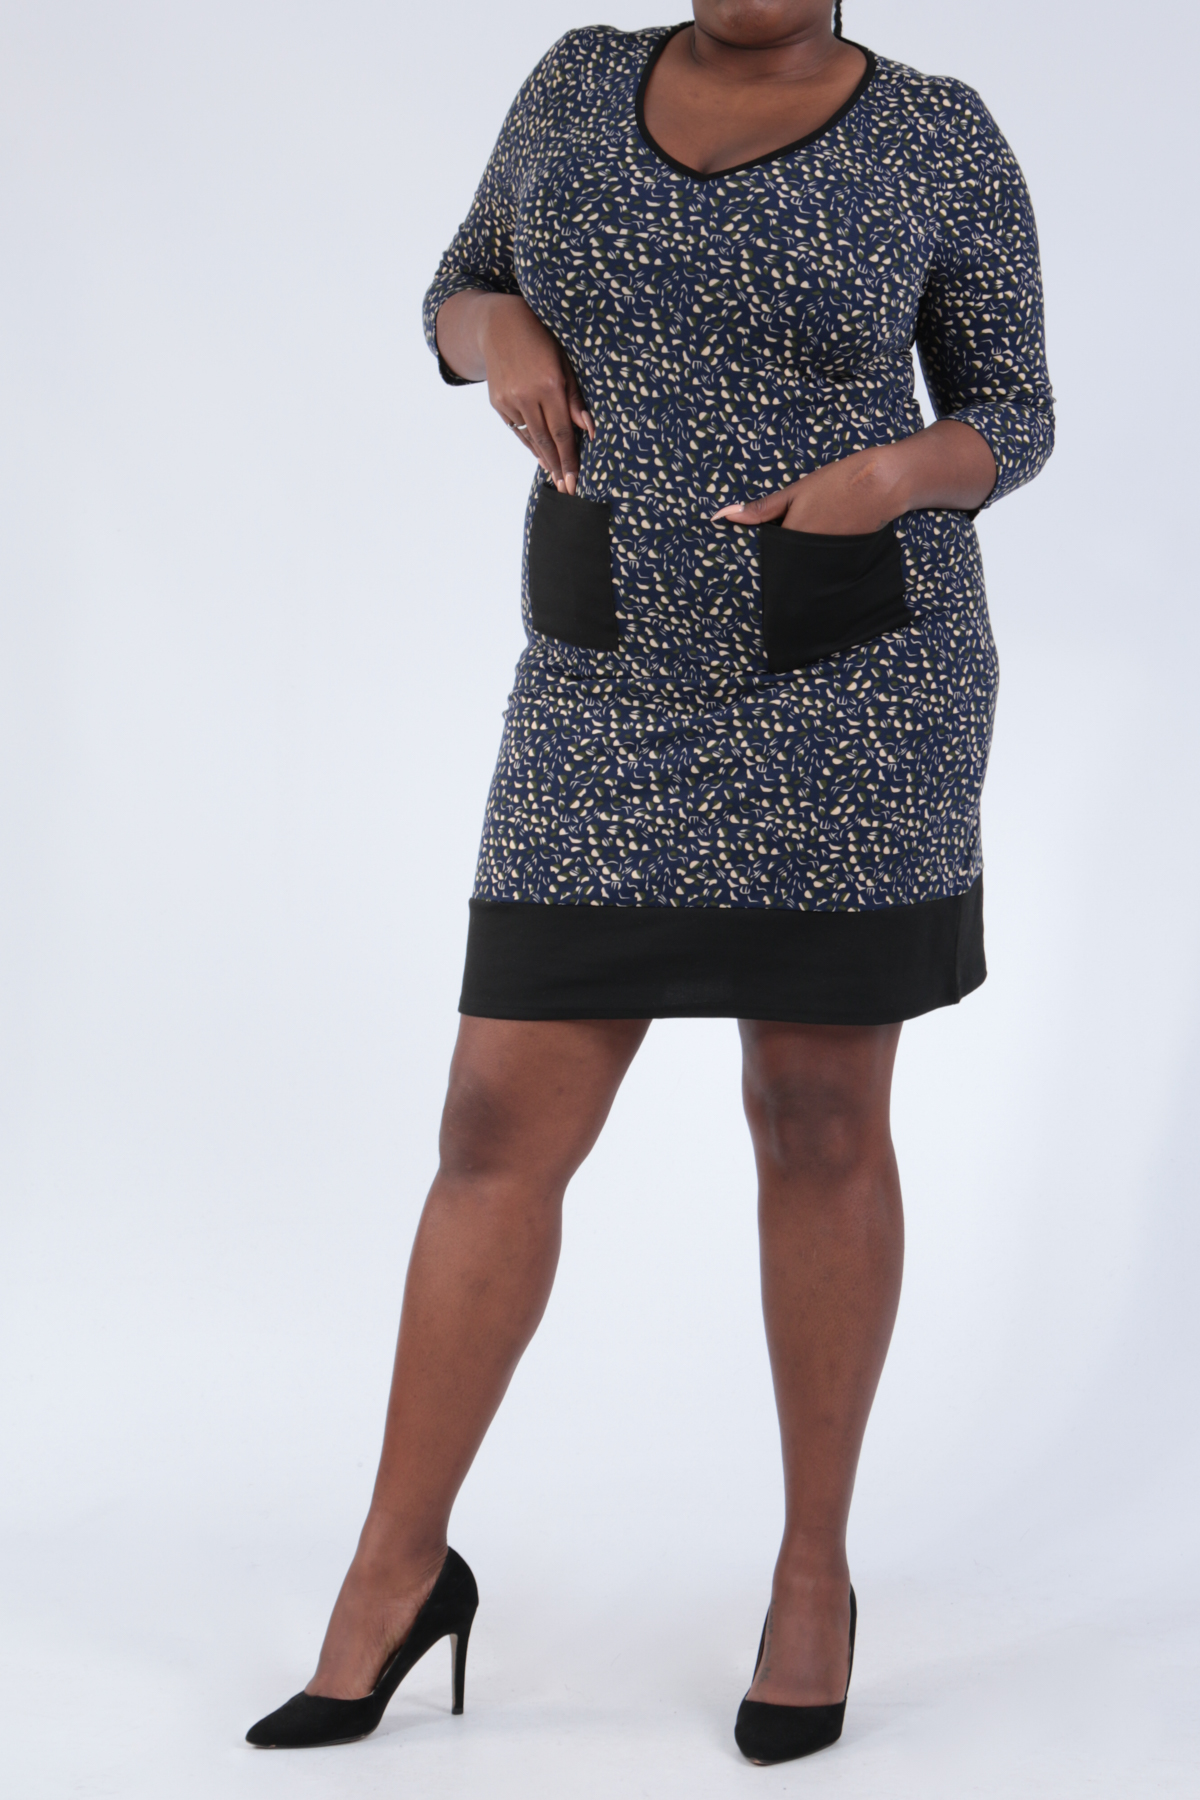 Robes & Combinaisons Femme Bleu For Her Paris (SHINIE) 2753GT #c eFashion Paris